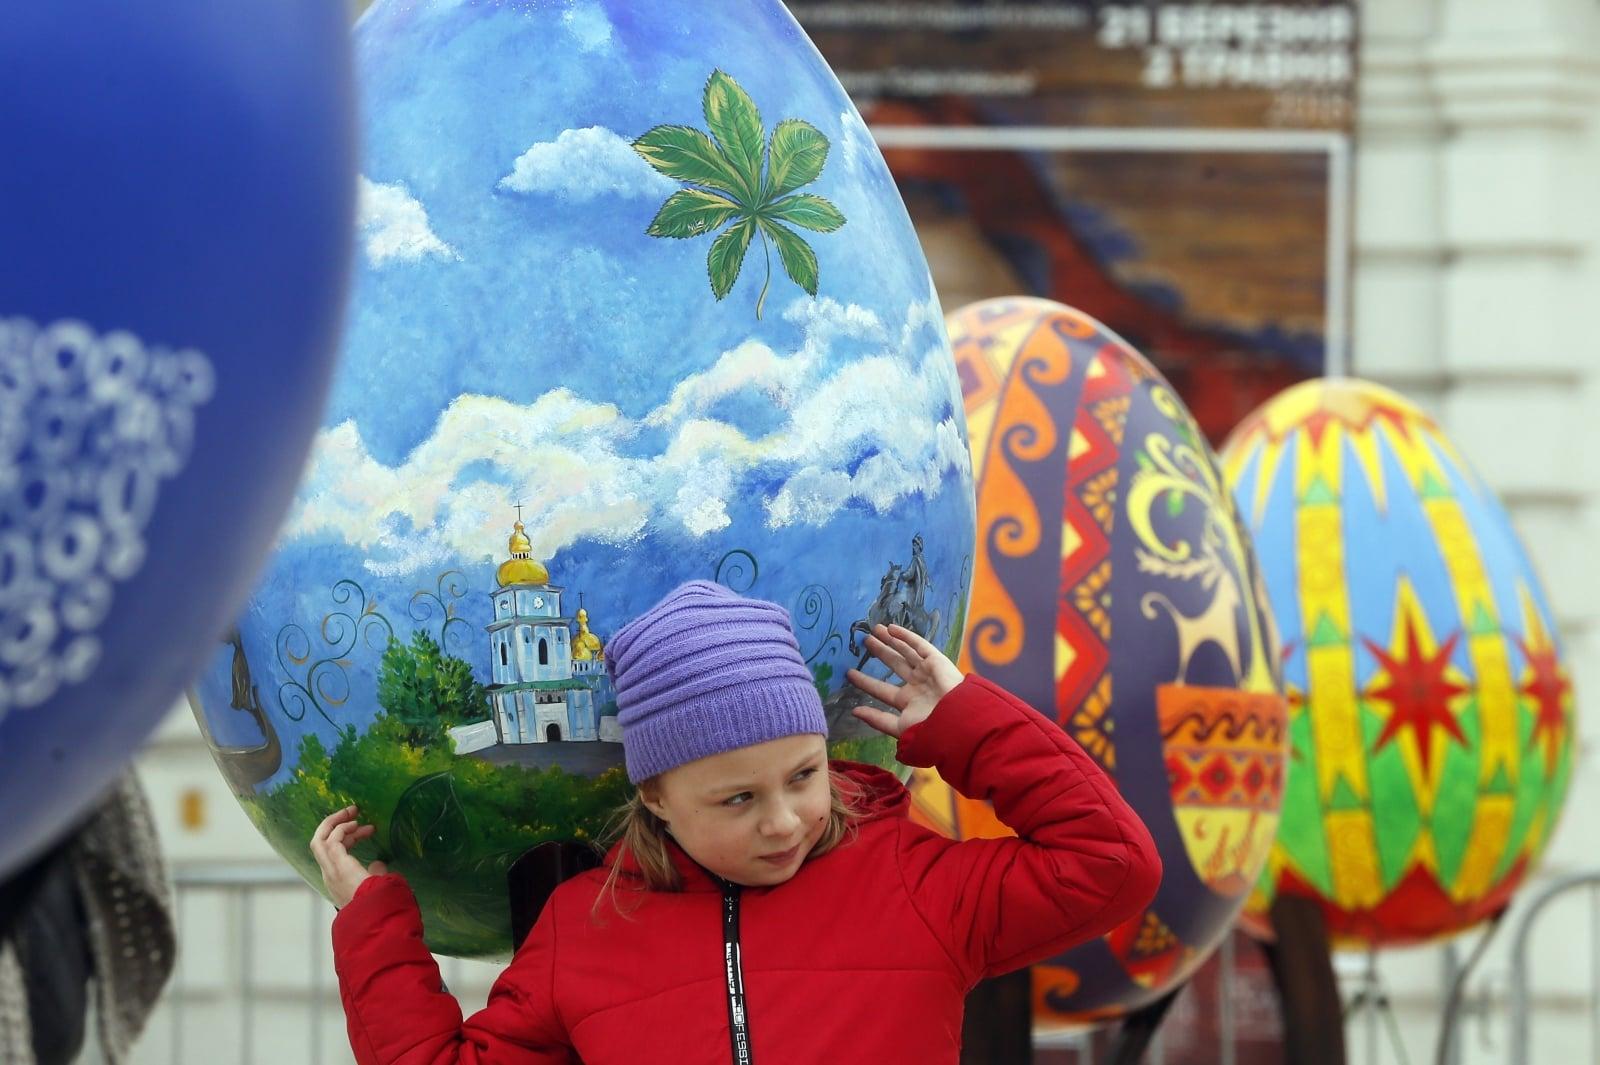 Wielki Tydzień na Ukrainie  EPA/SERGEY DOLZHENKO